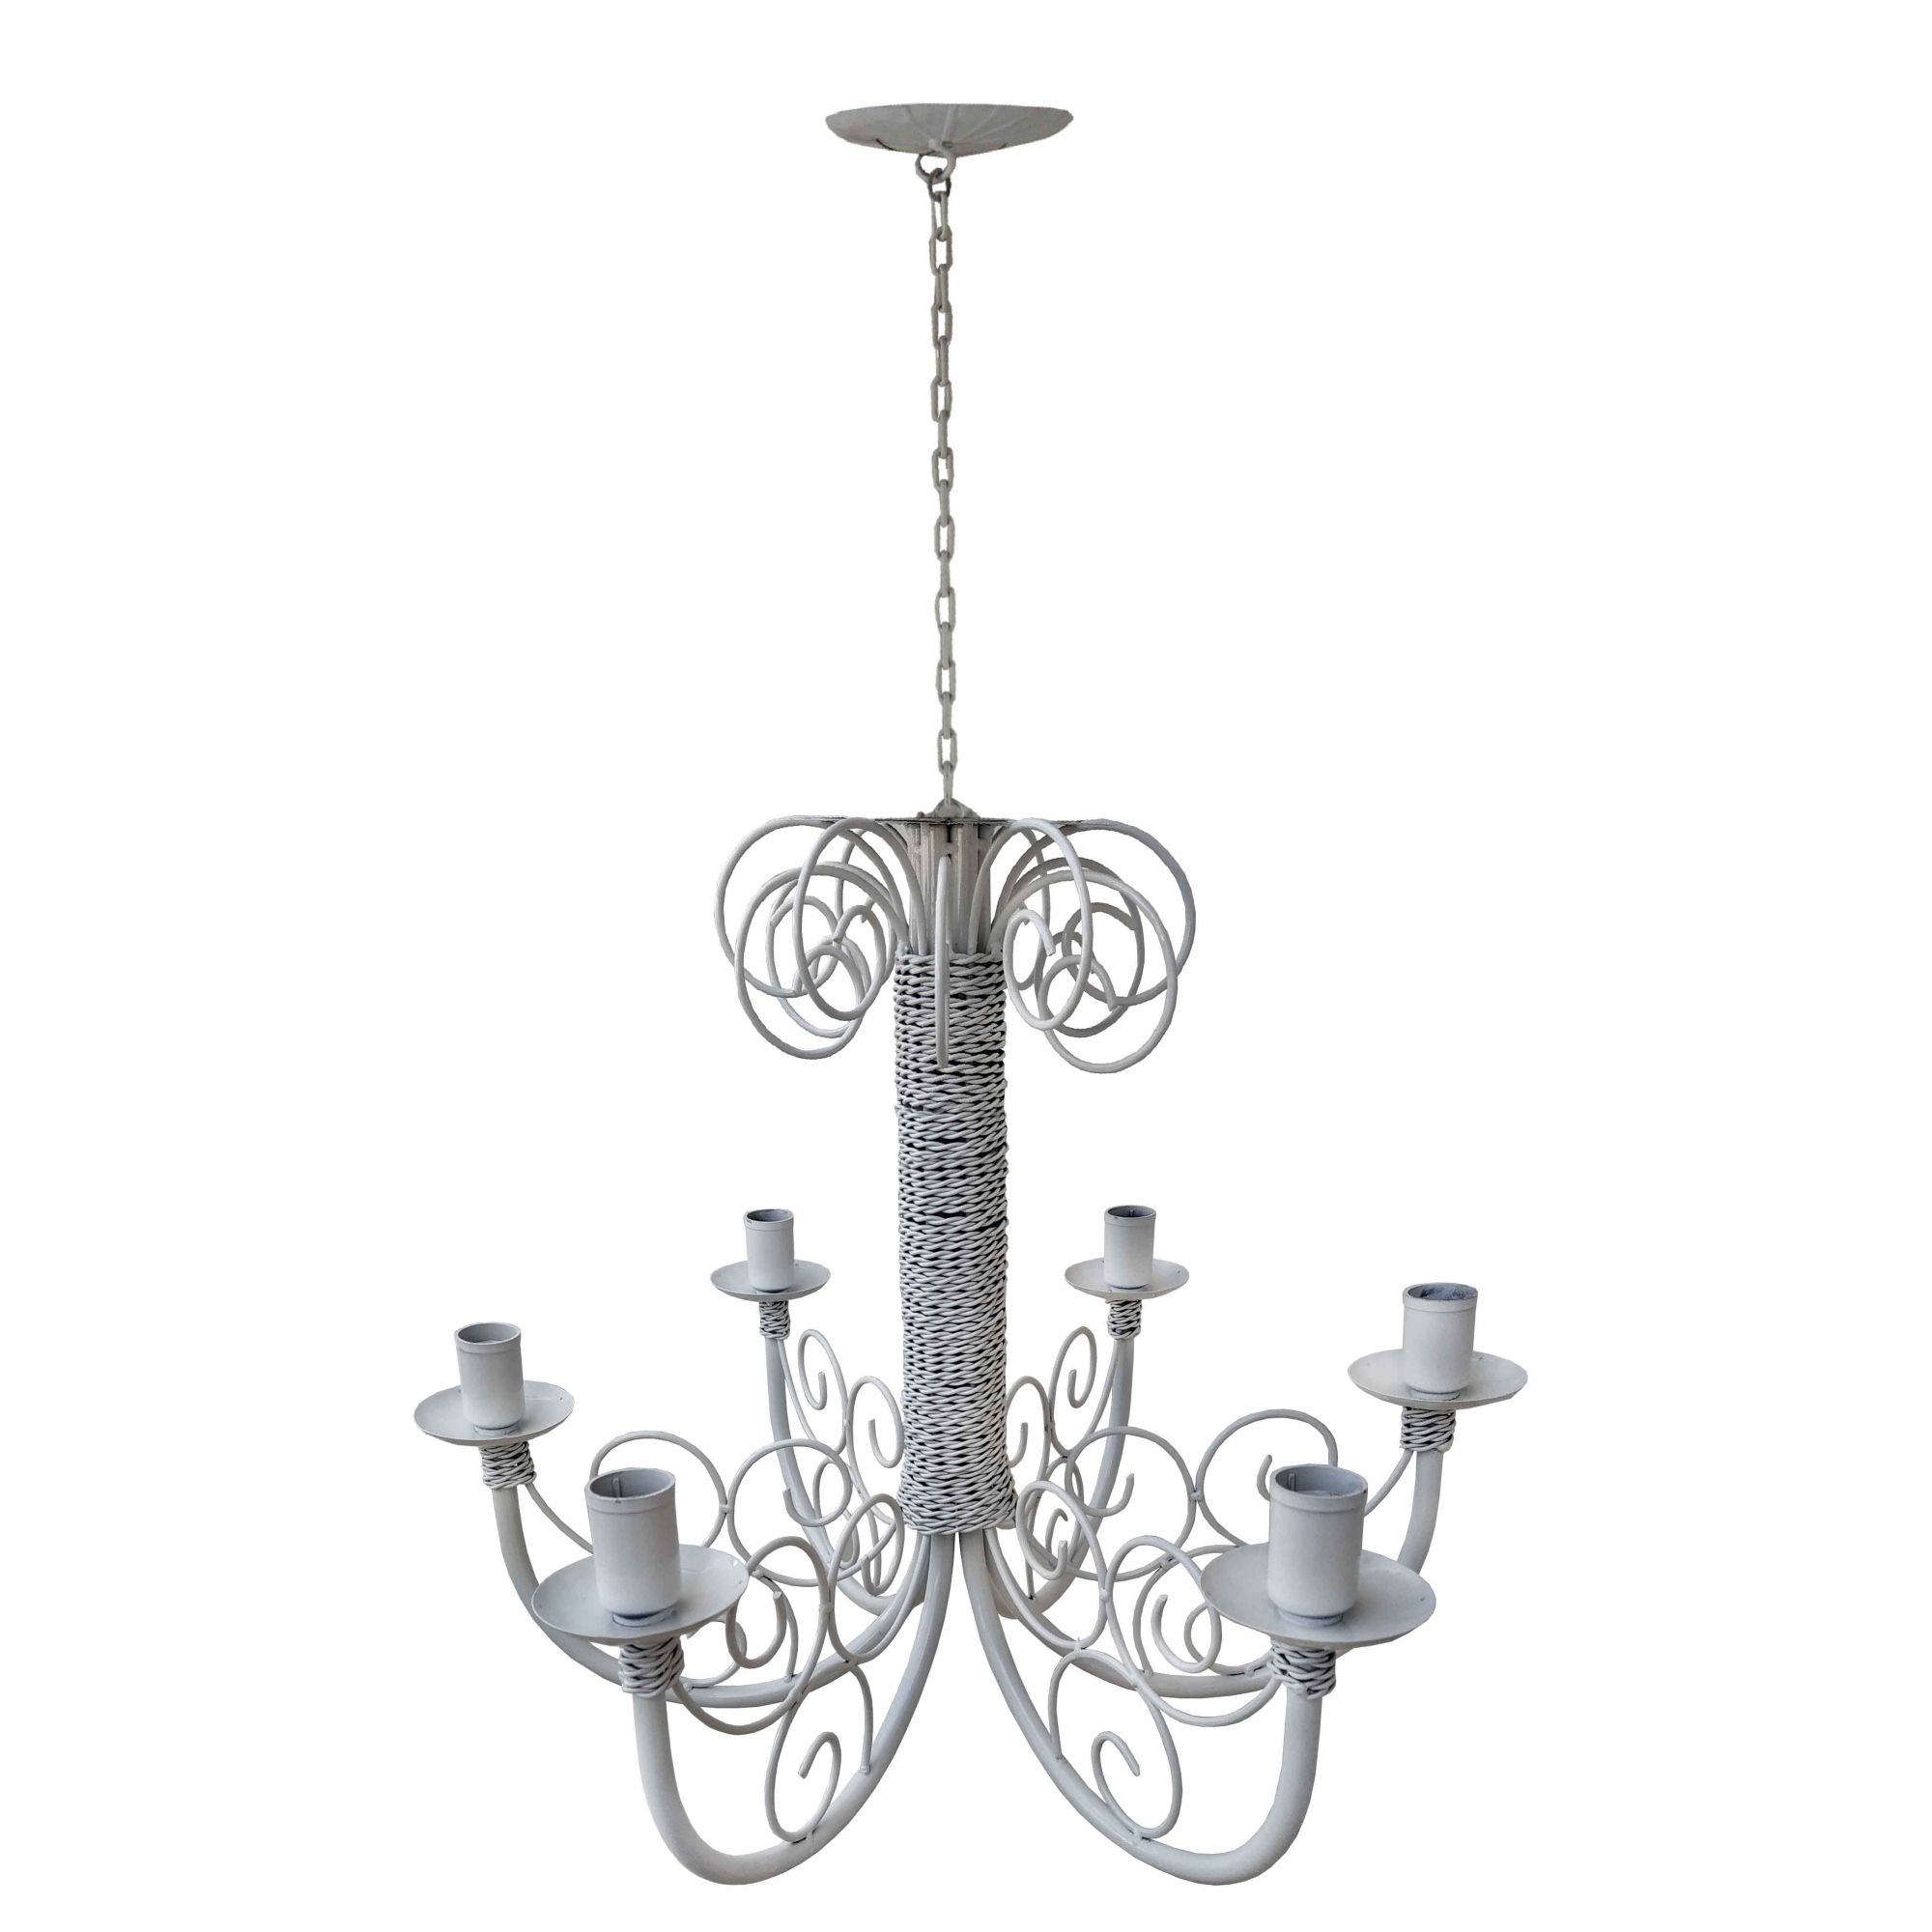 Lustre Branco de Ferro Artesanal Decorado para Iluminação Interna